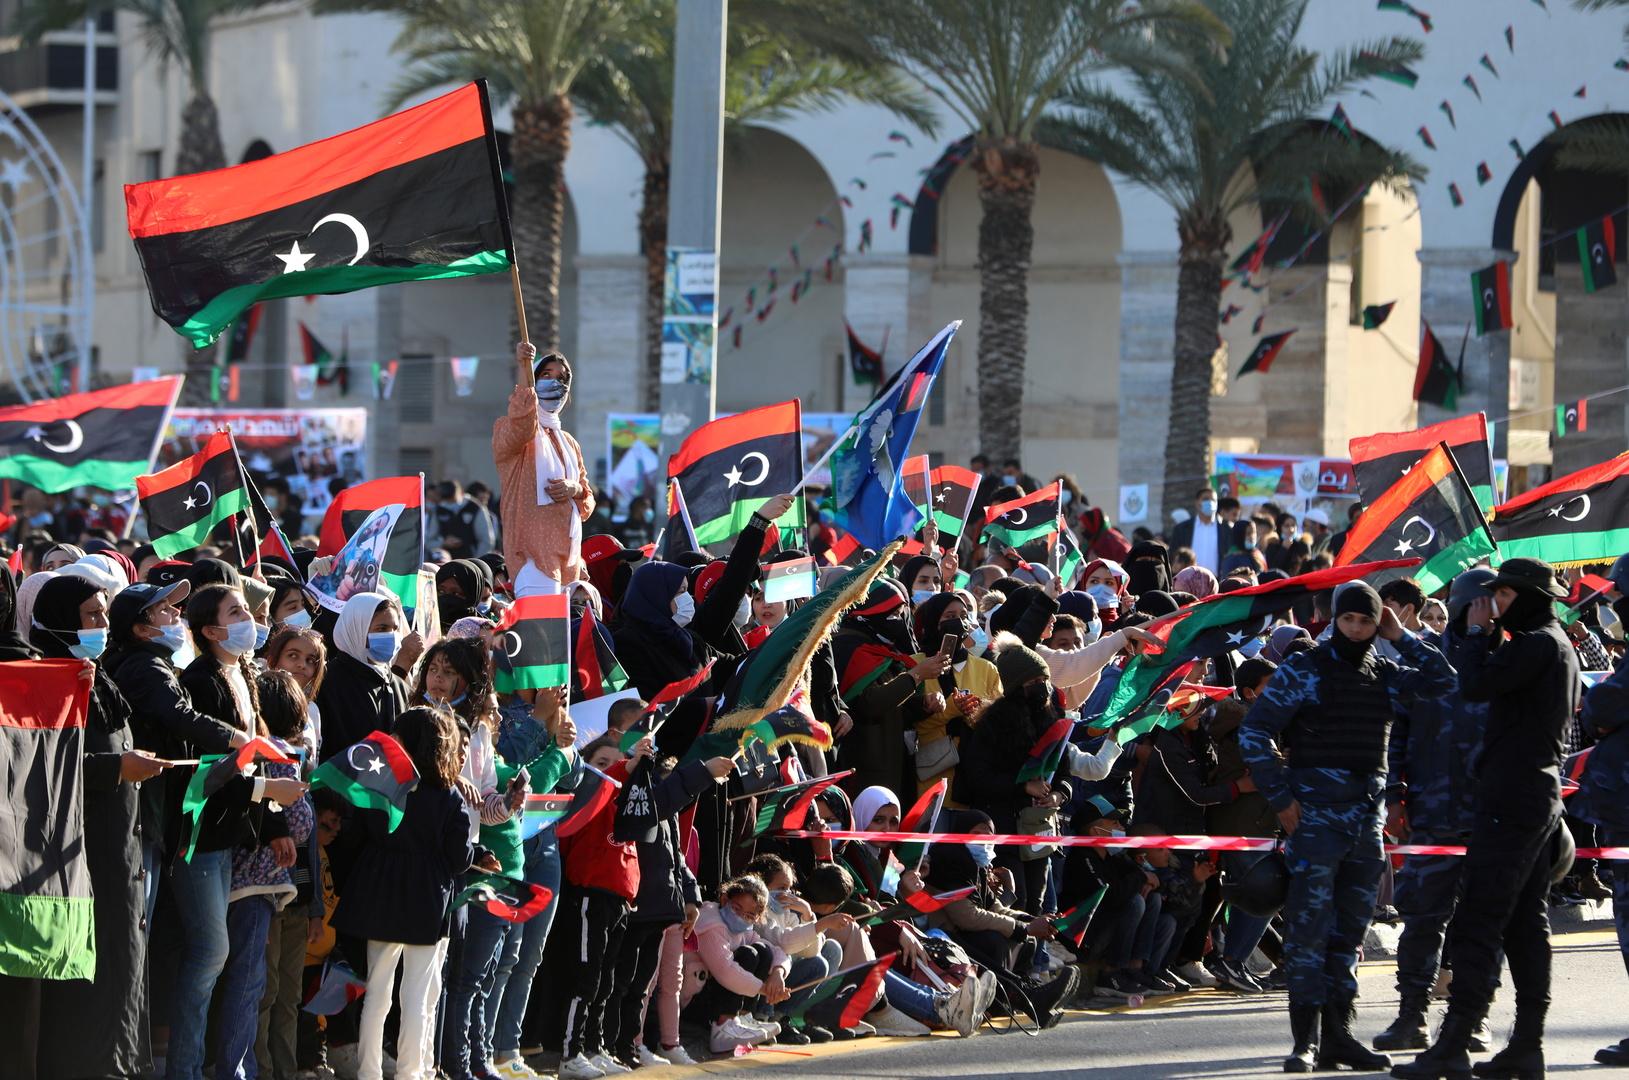 ليبيا.. وصول طليعة فريق المراقبين الدوليين للإعداد لمهمة الإشراف على وقف إطلاق النار